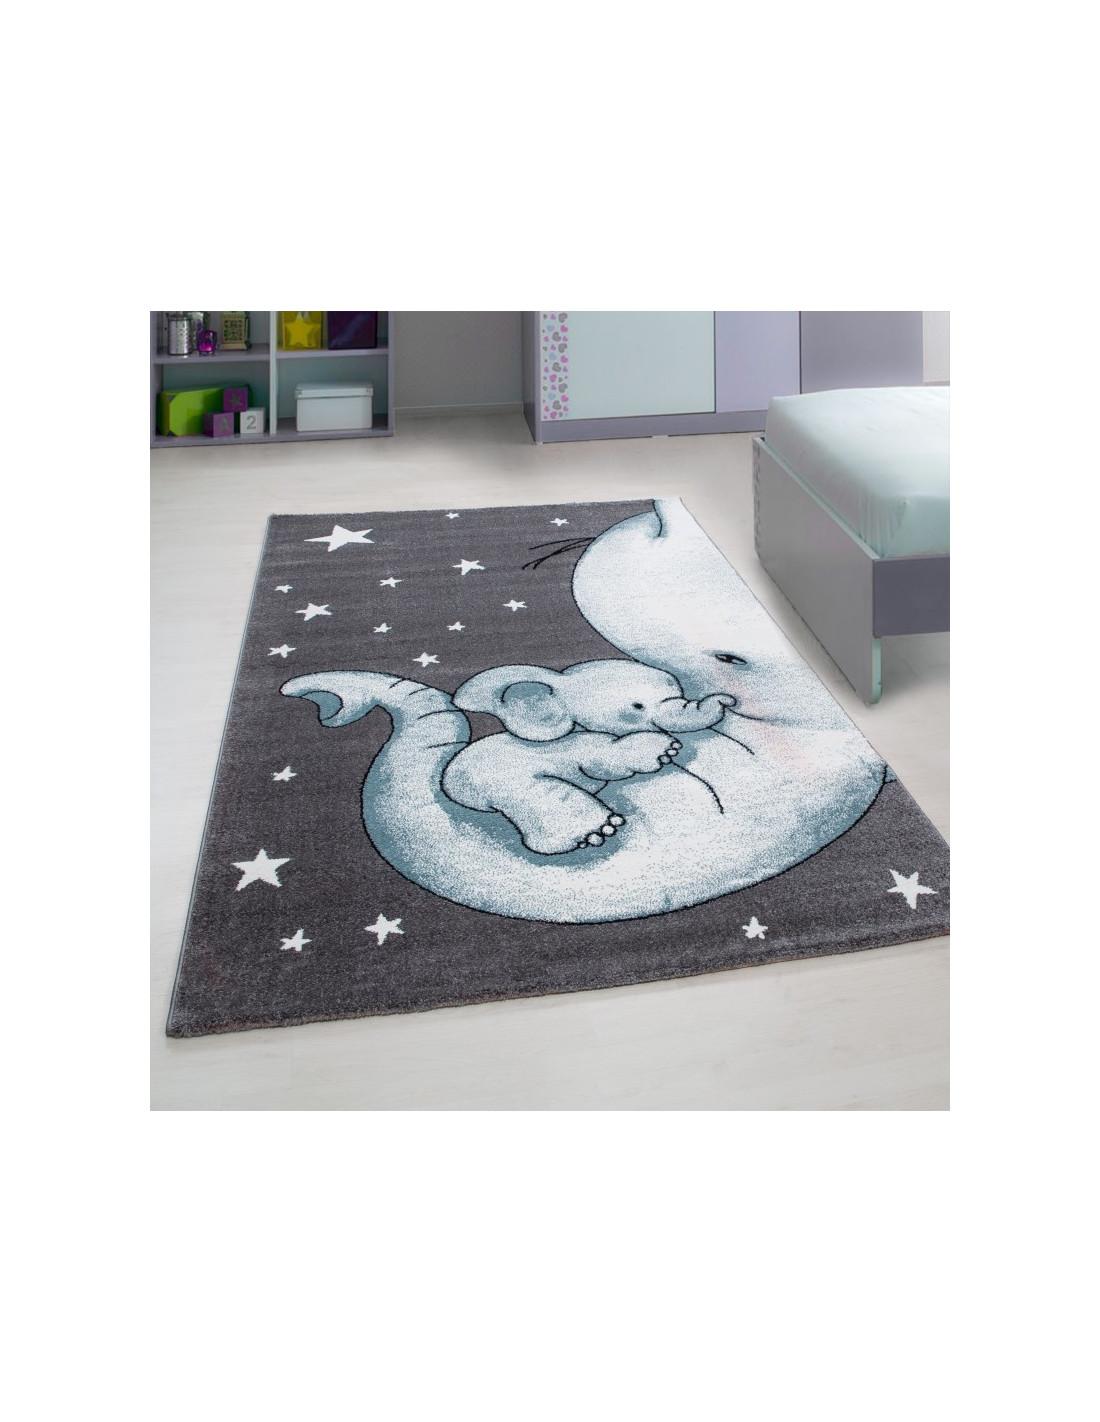 Tappeto per bambini Tappeto per cameretta con motivi gatto Kids 560 Blu